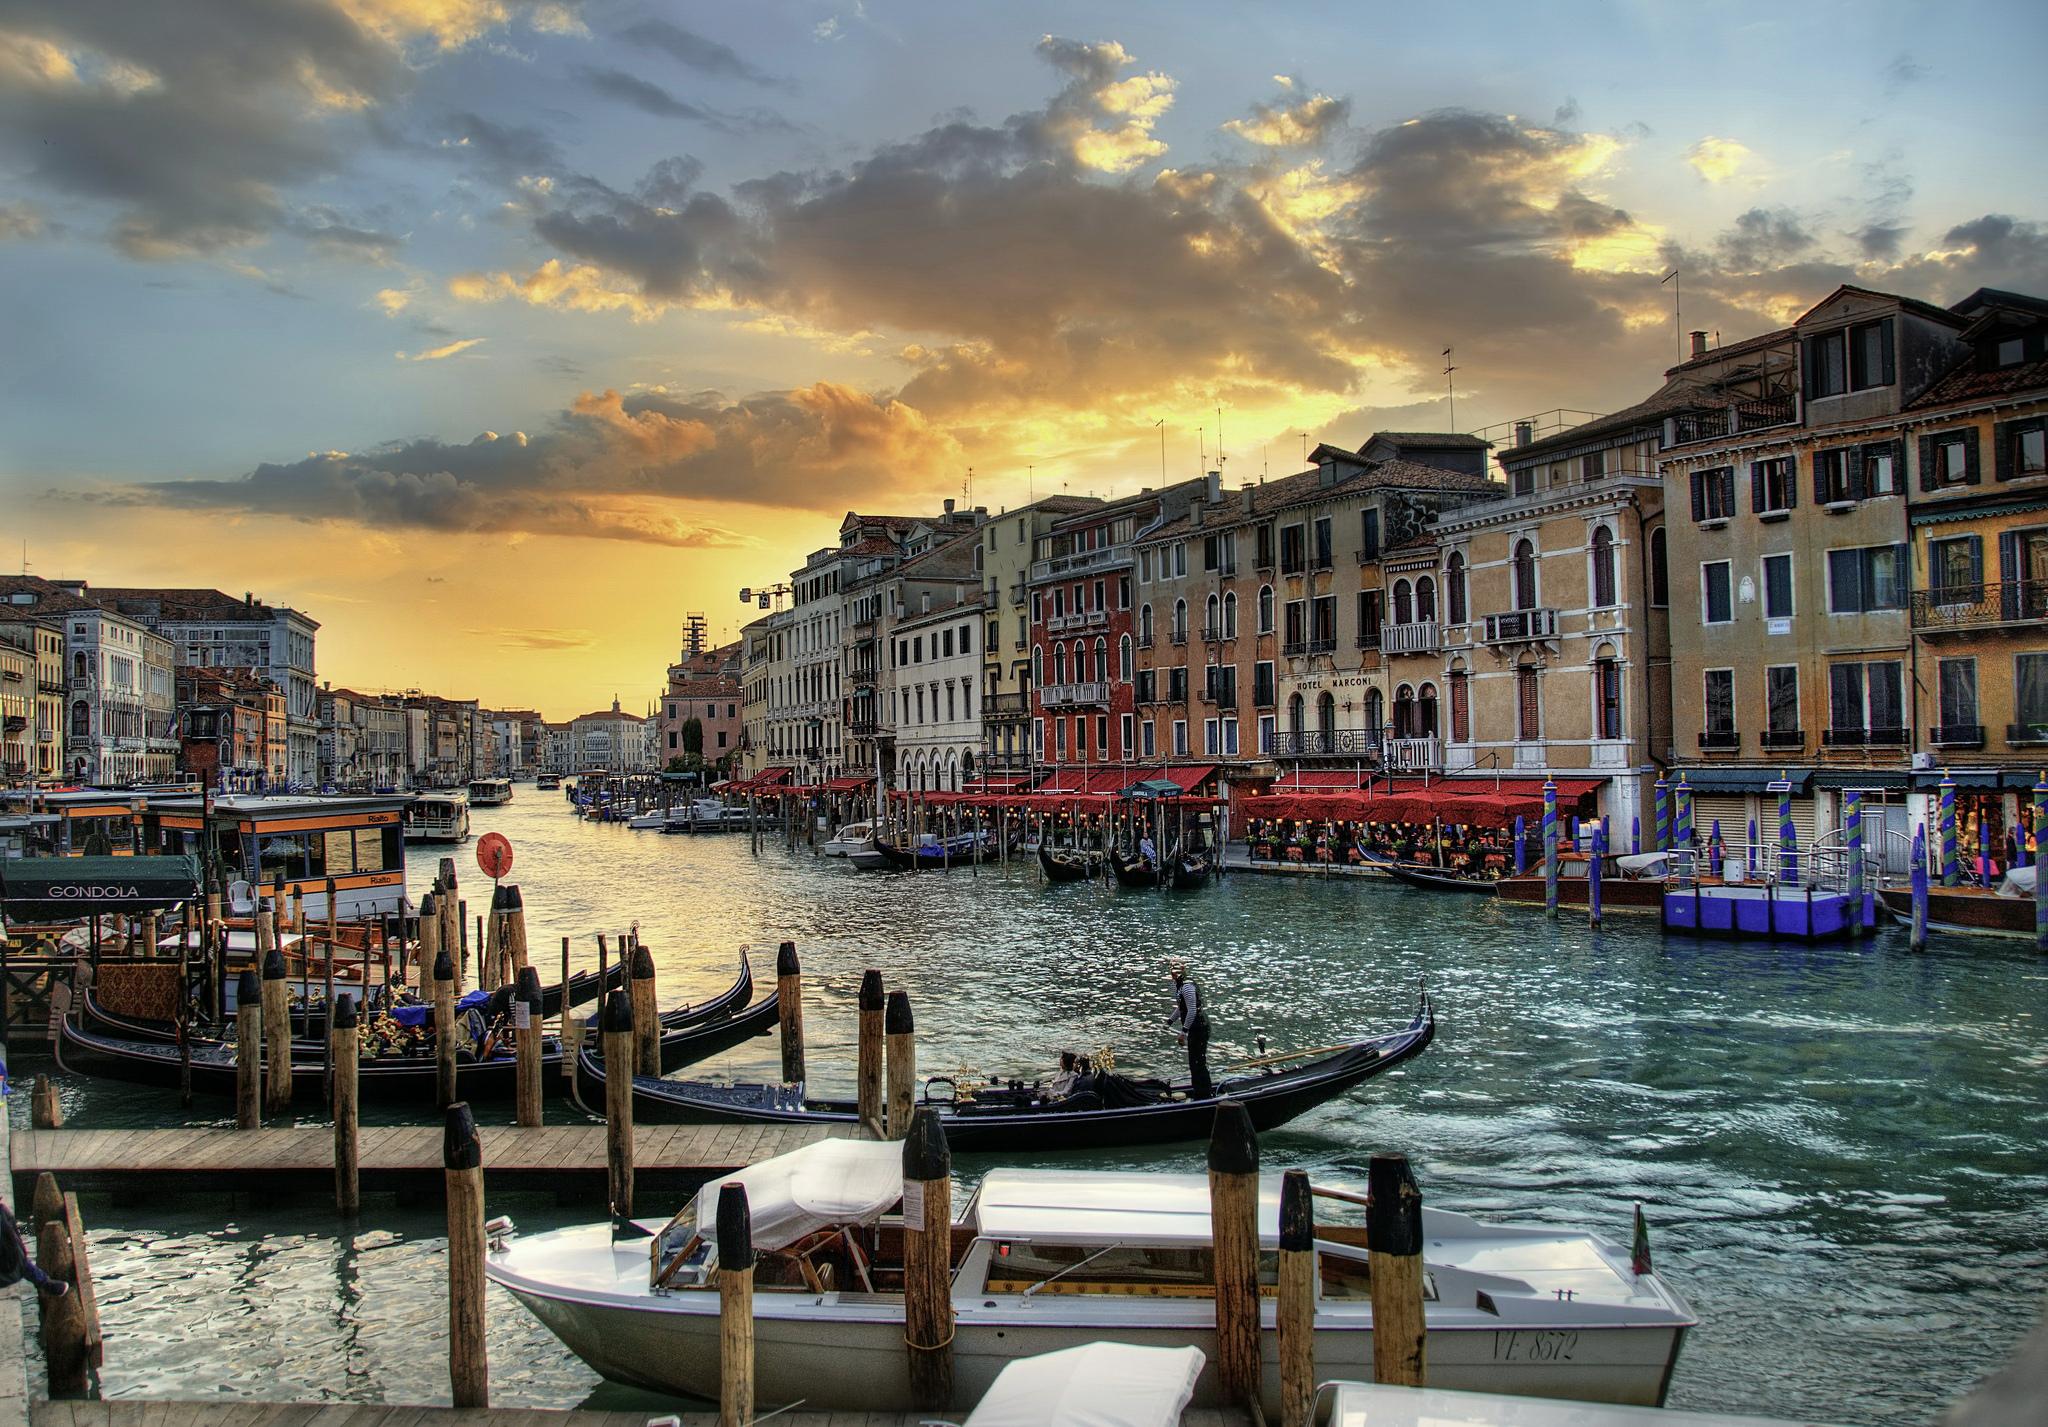 118933 скачать обои Венеция, Италия, Города, Дома, Hdr, Канал - заставки и картинки бесплатно